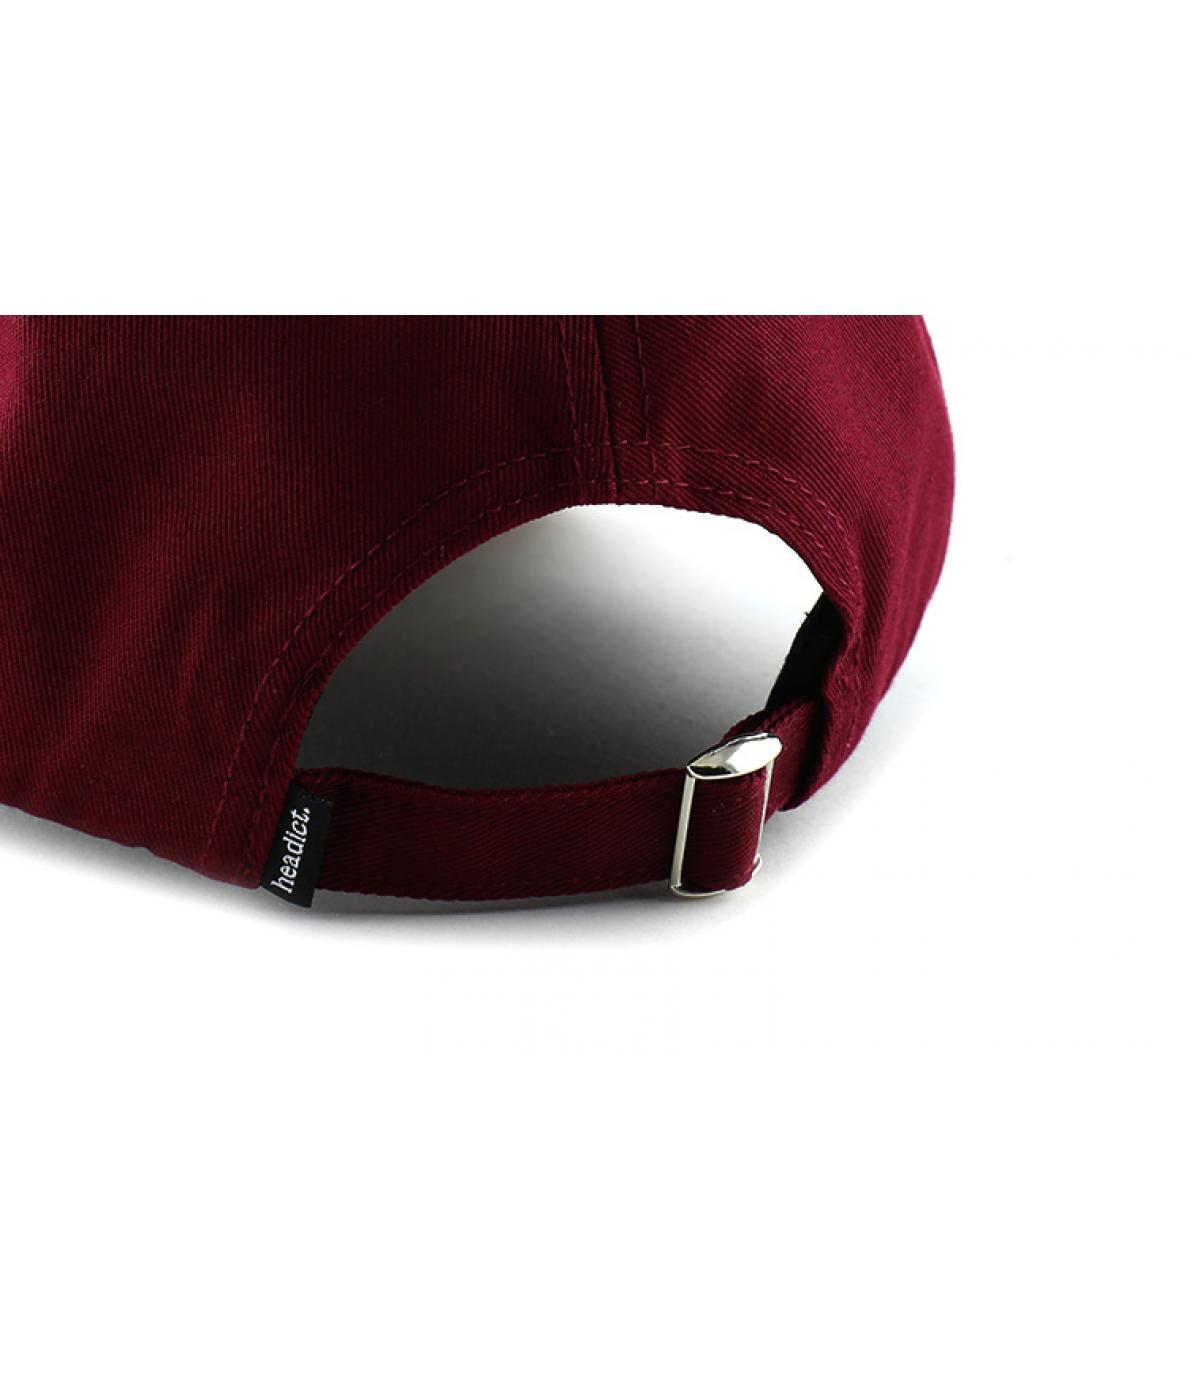 Détails Curve Plata O Plomo burgundy suede - image 5